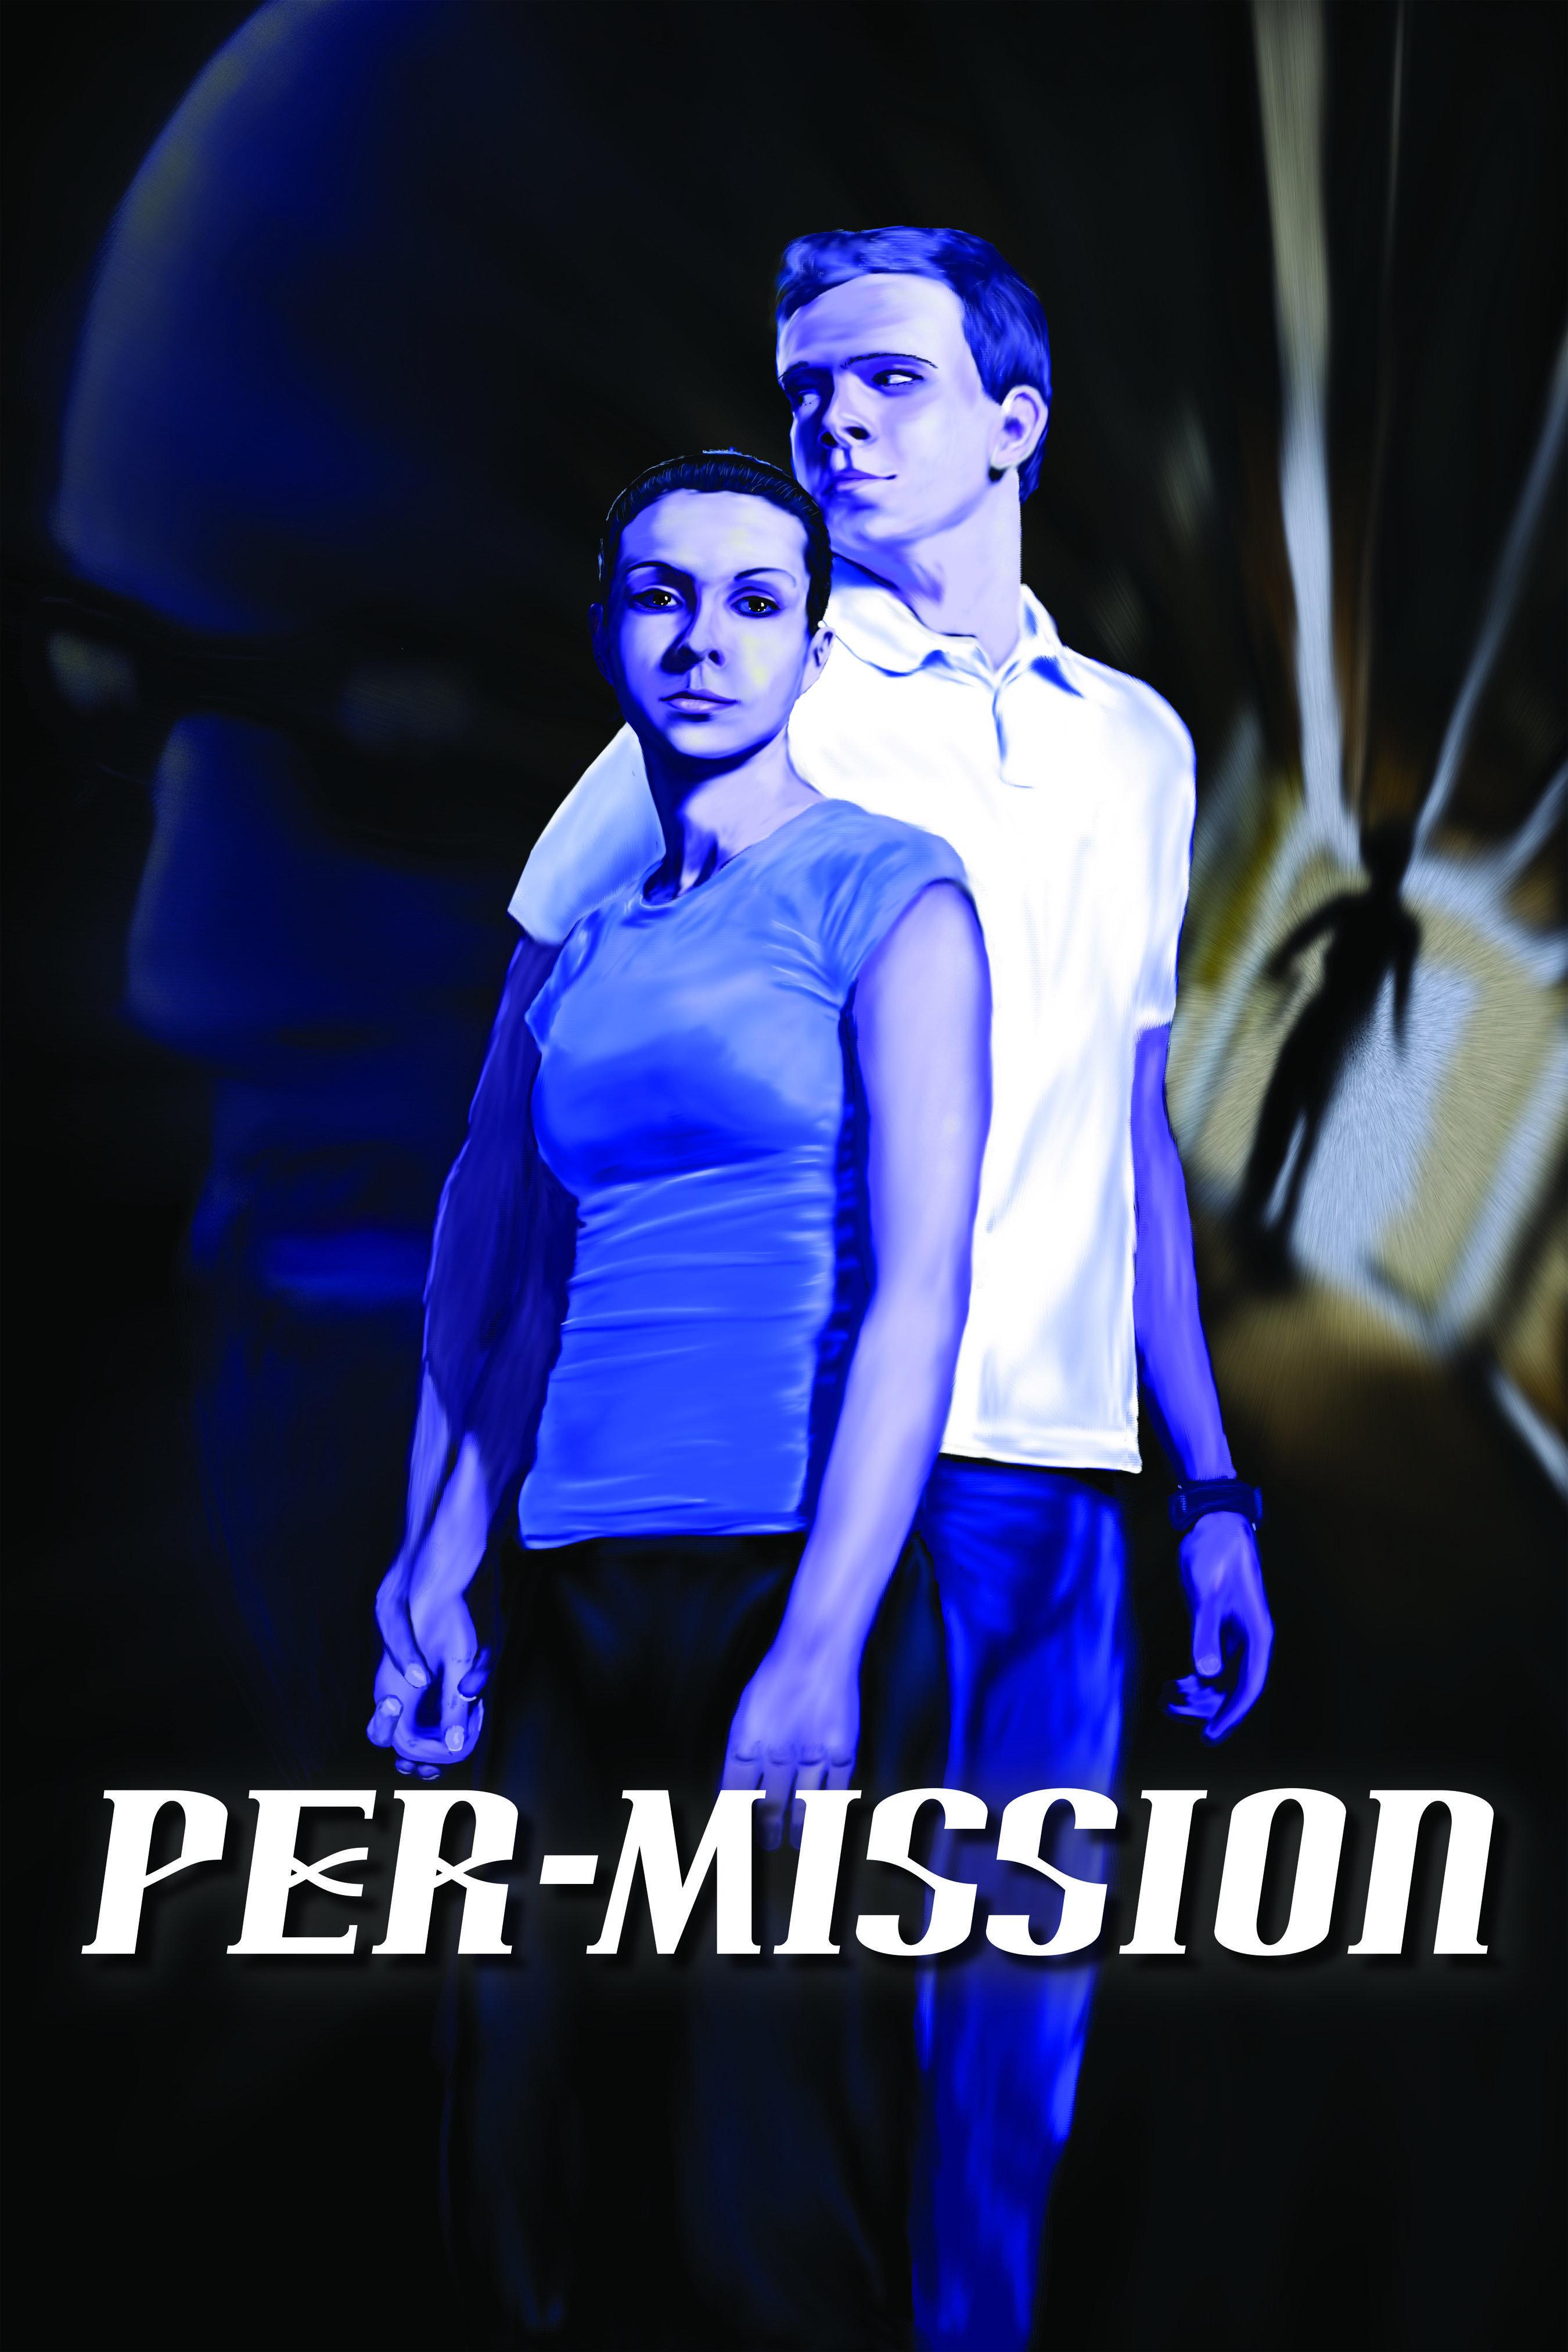 Per-Mission